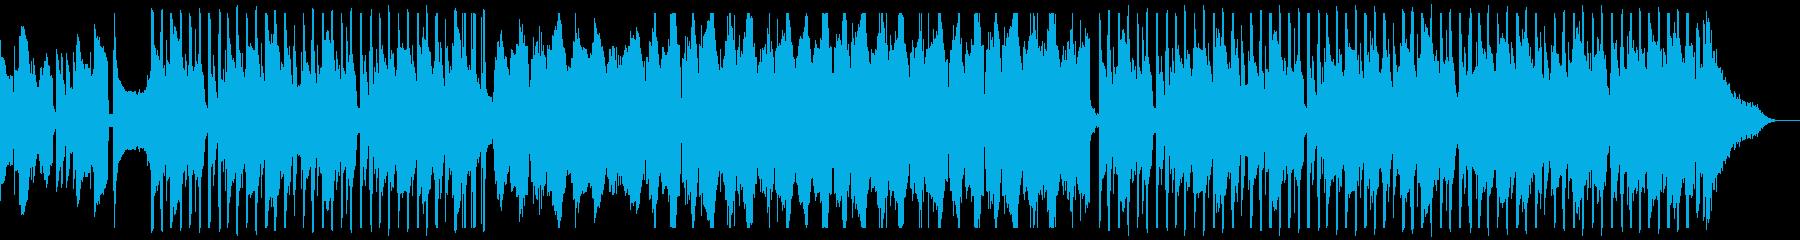 癒しのベースソロの再生済みの波形